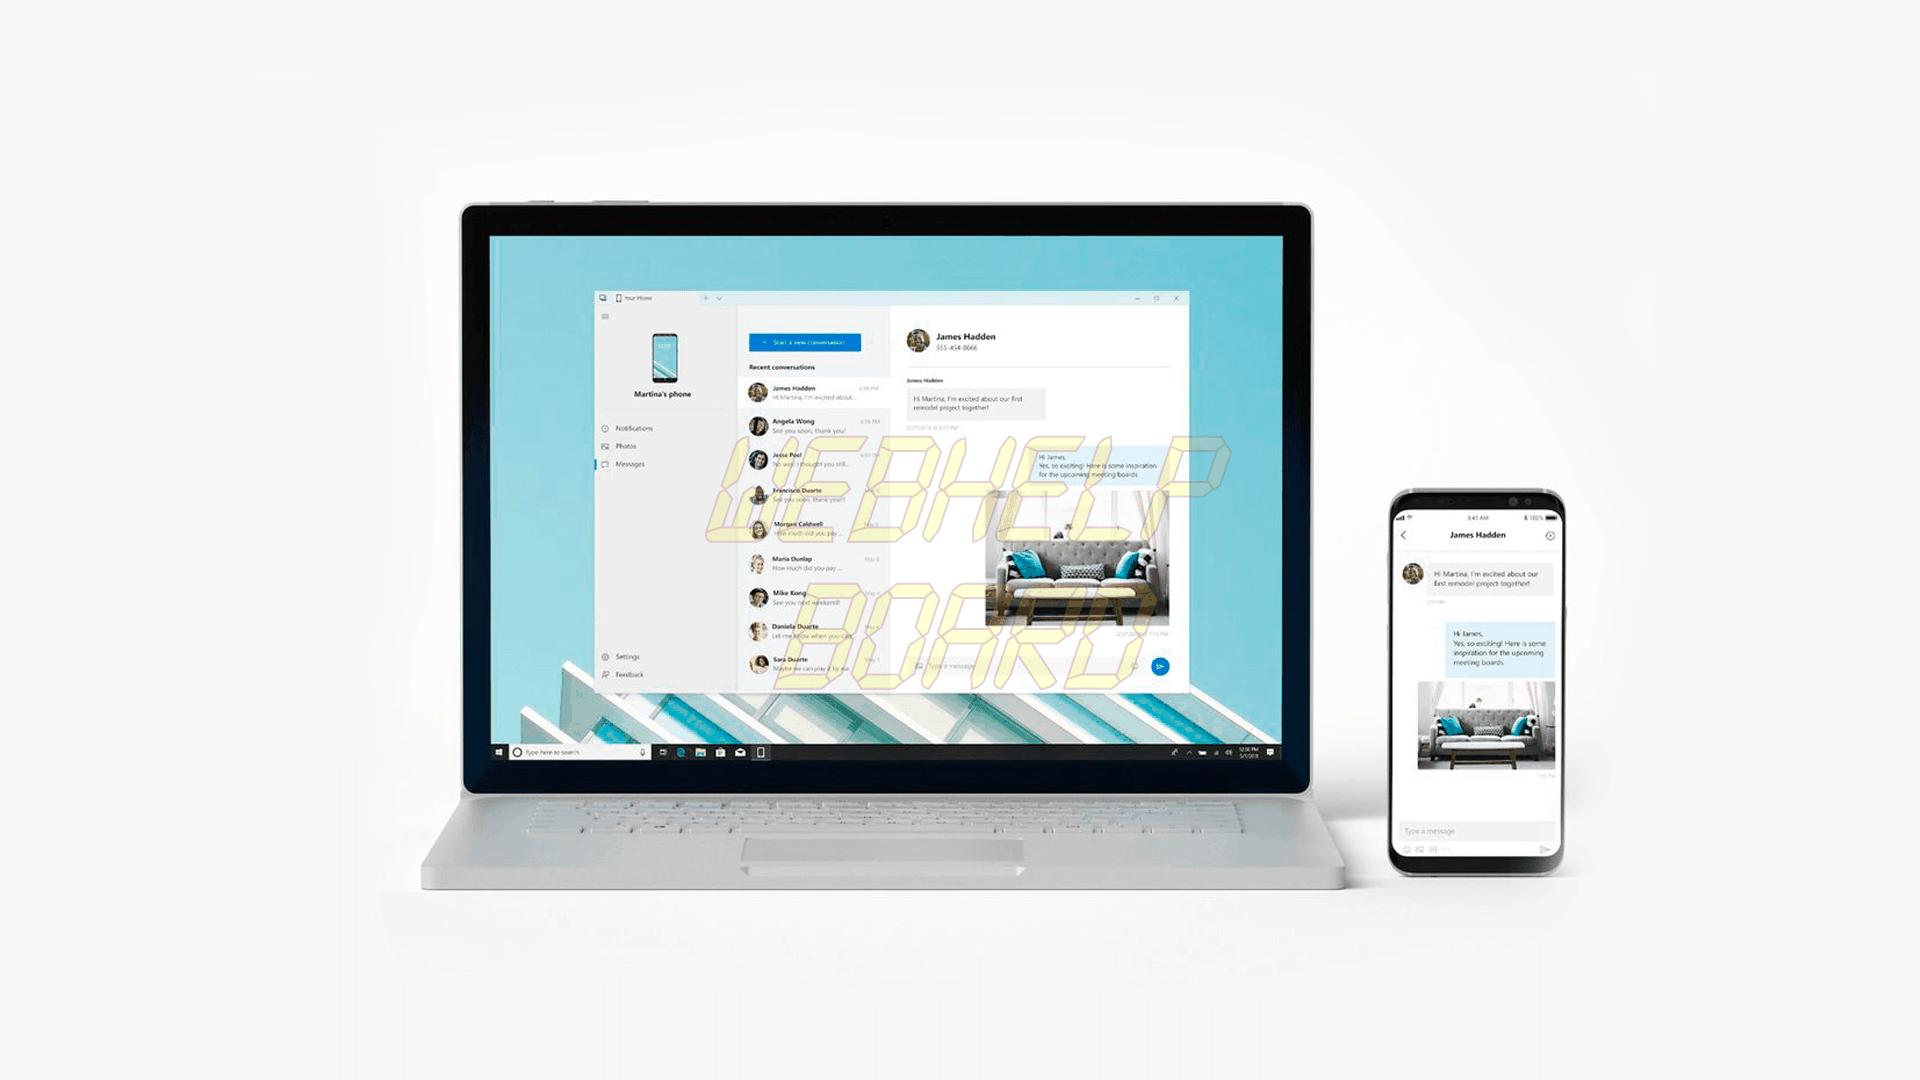 windows - Confira como integrar o seu smartphone Android com o Windows 10